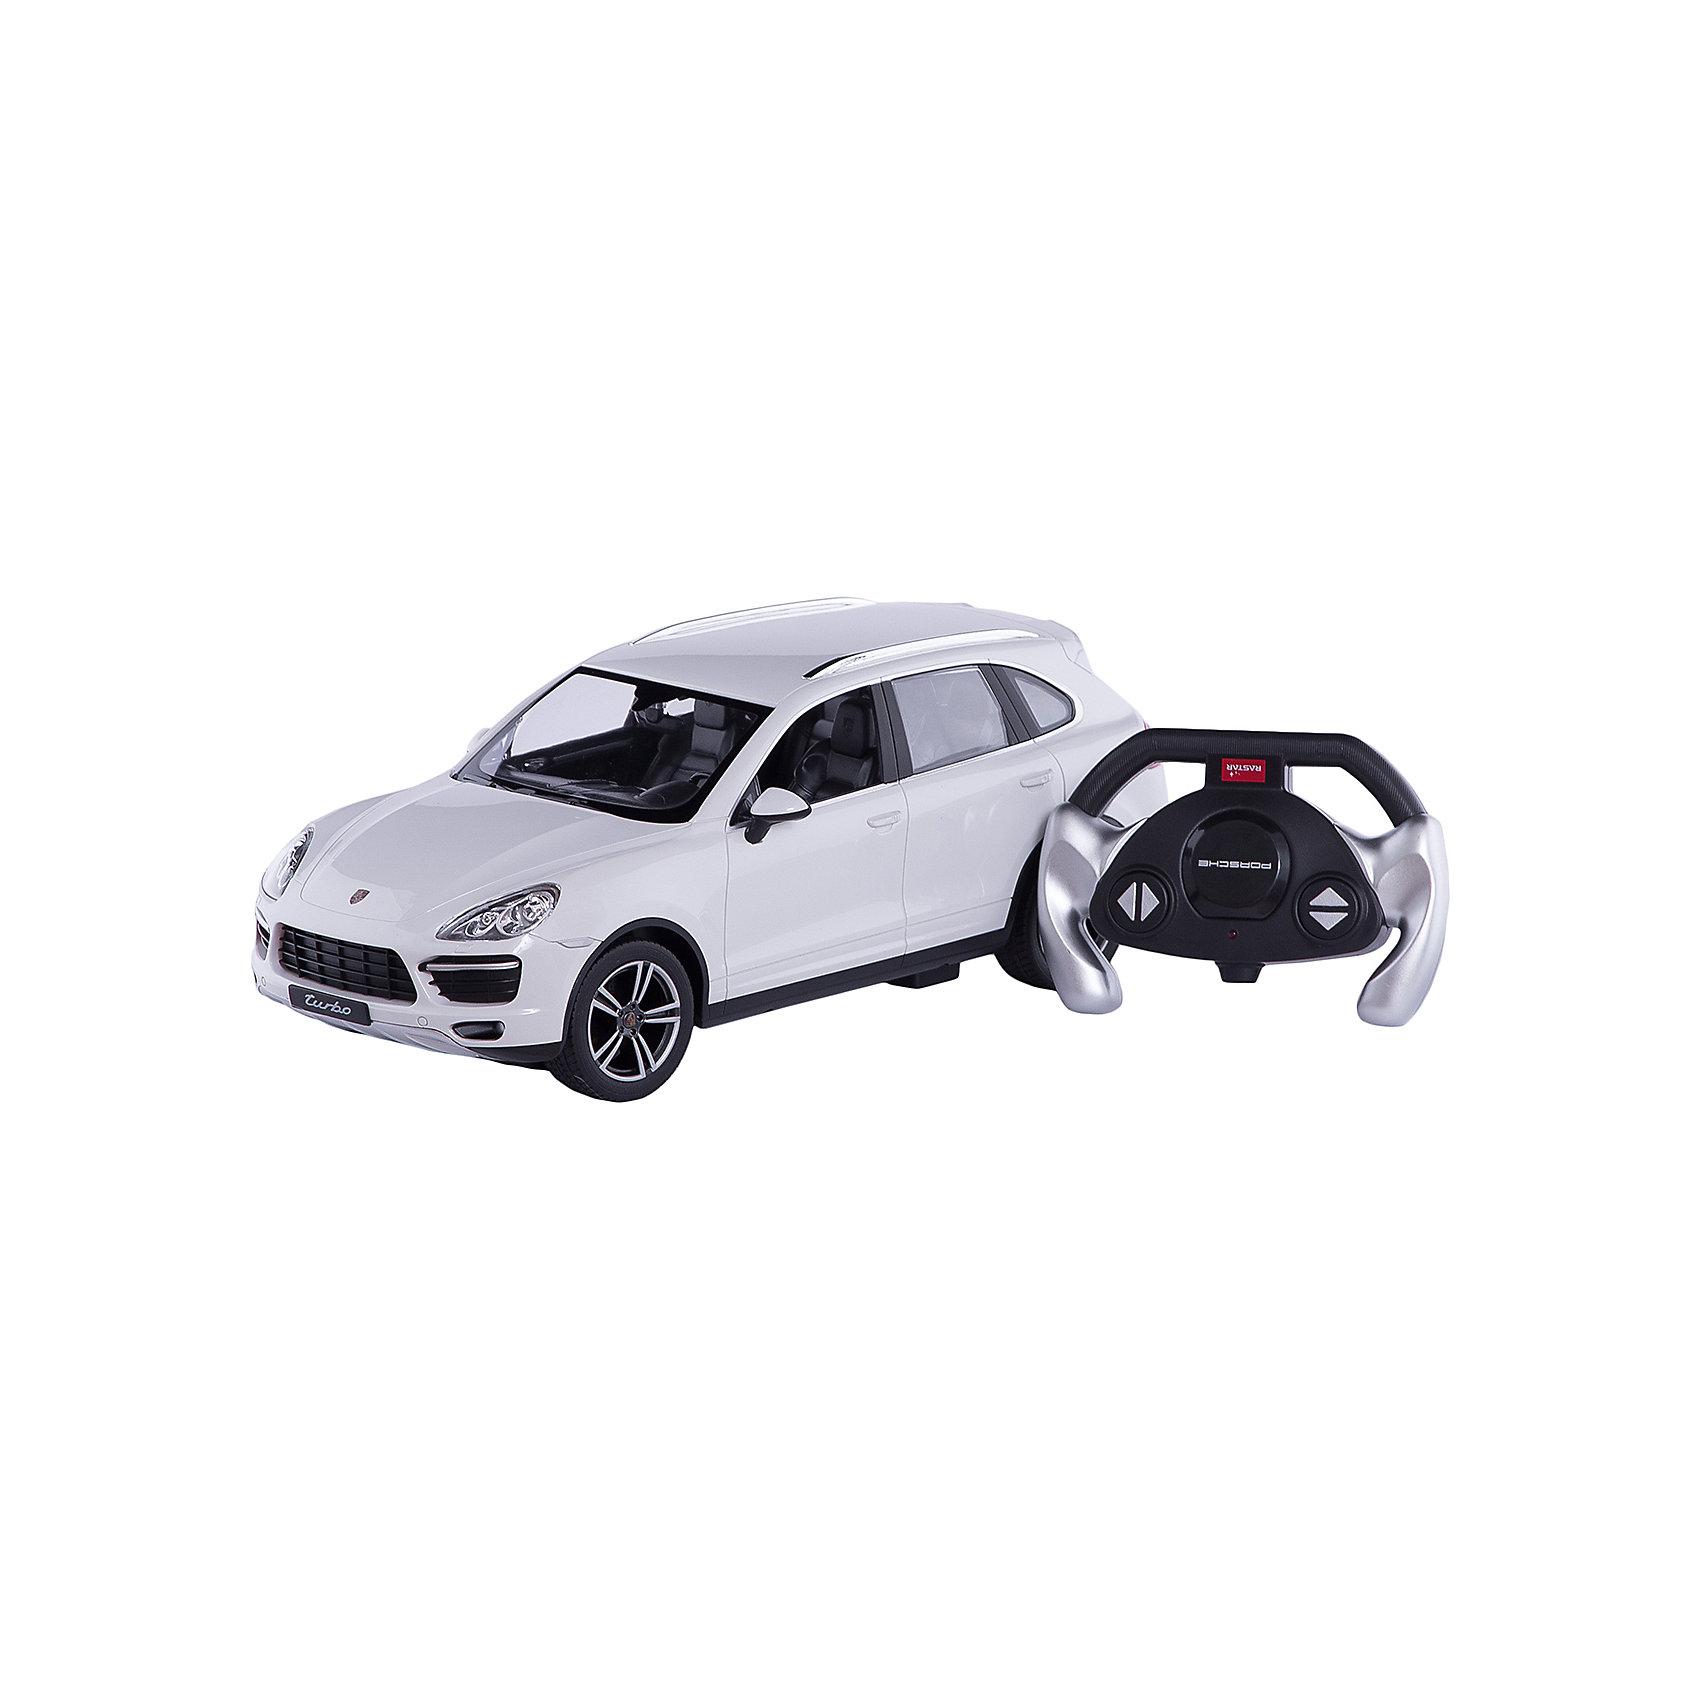 - Машина porsche cayenne turbo, 1:14, со светом, RASTAR , в ассортименте rastar rastar радиоуправляемый автомобиль porsche cayenne turbo масштаб 1 14 в ассортименте